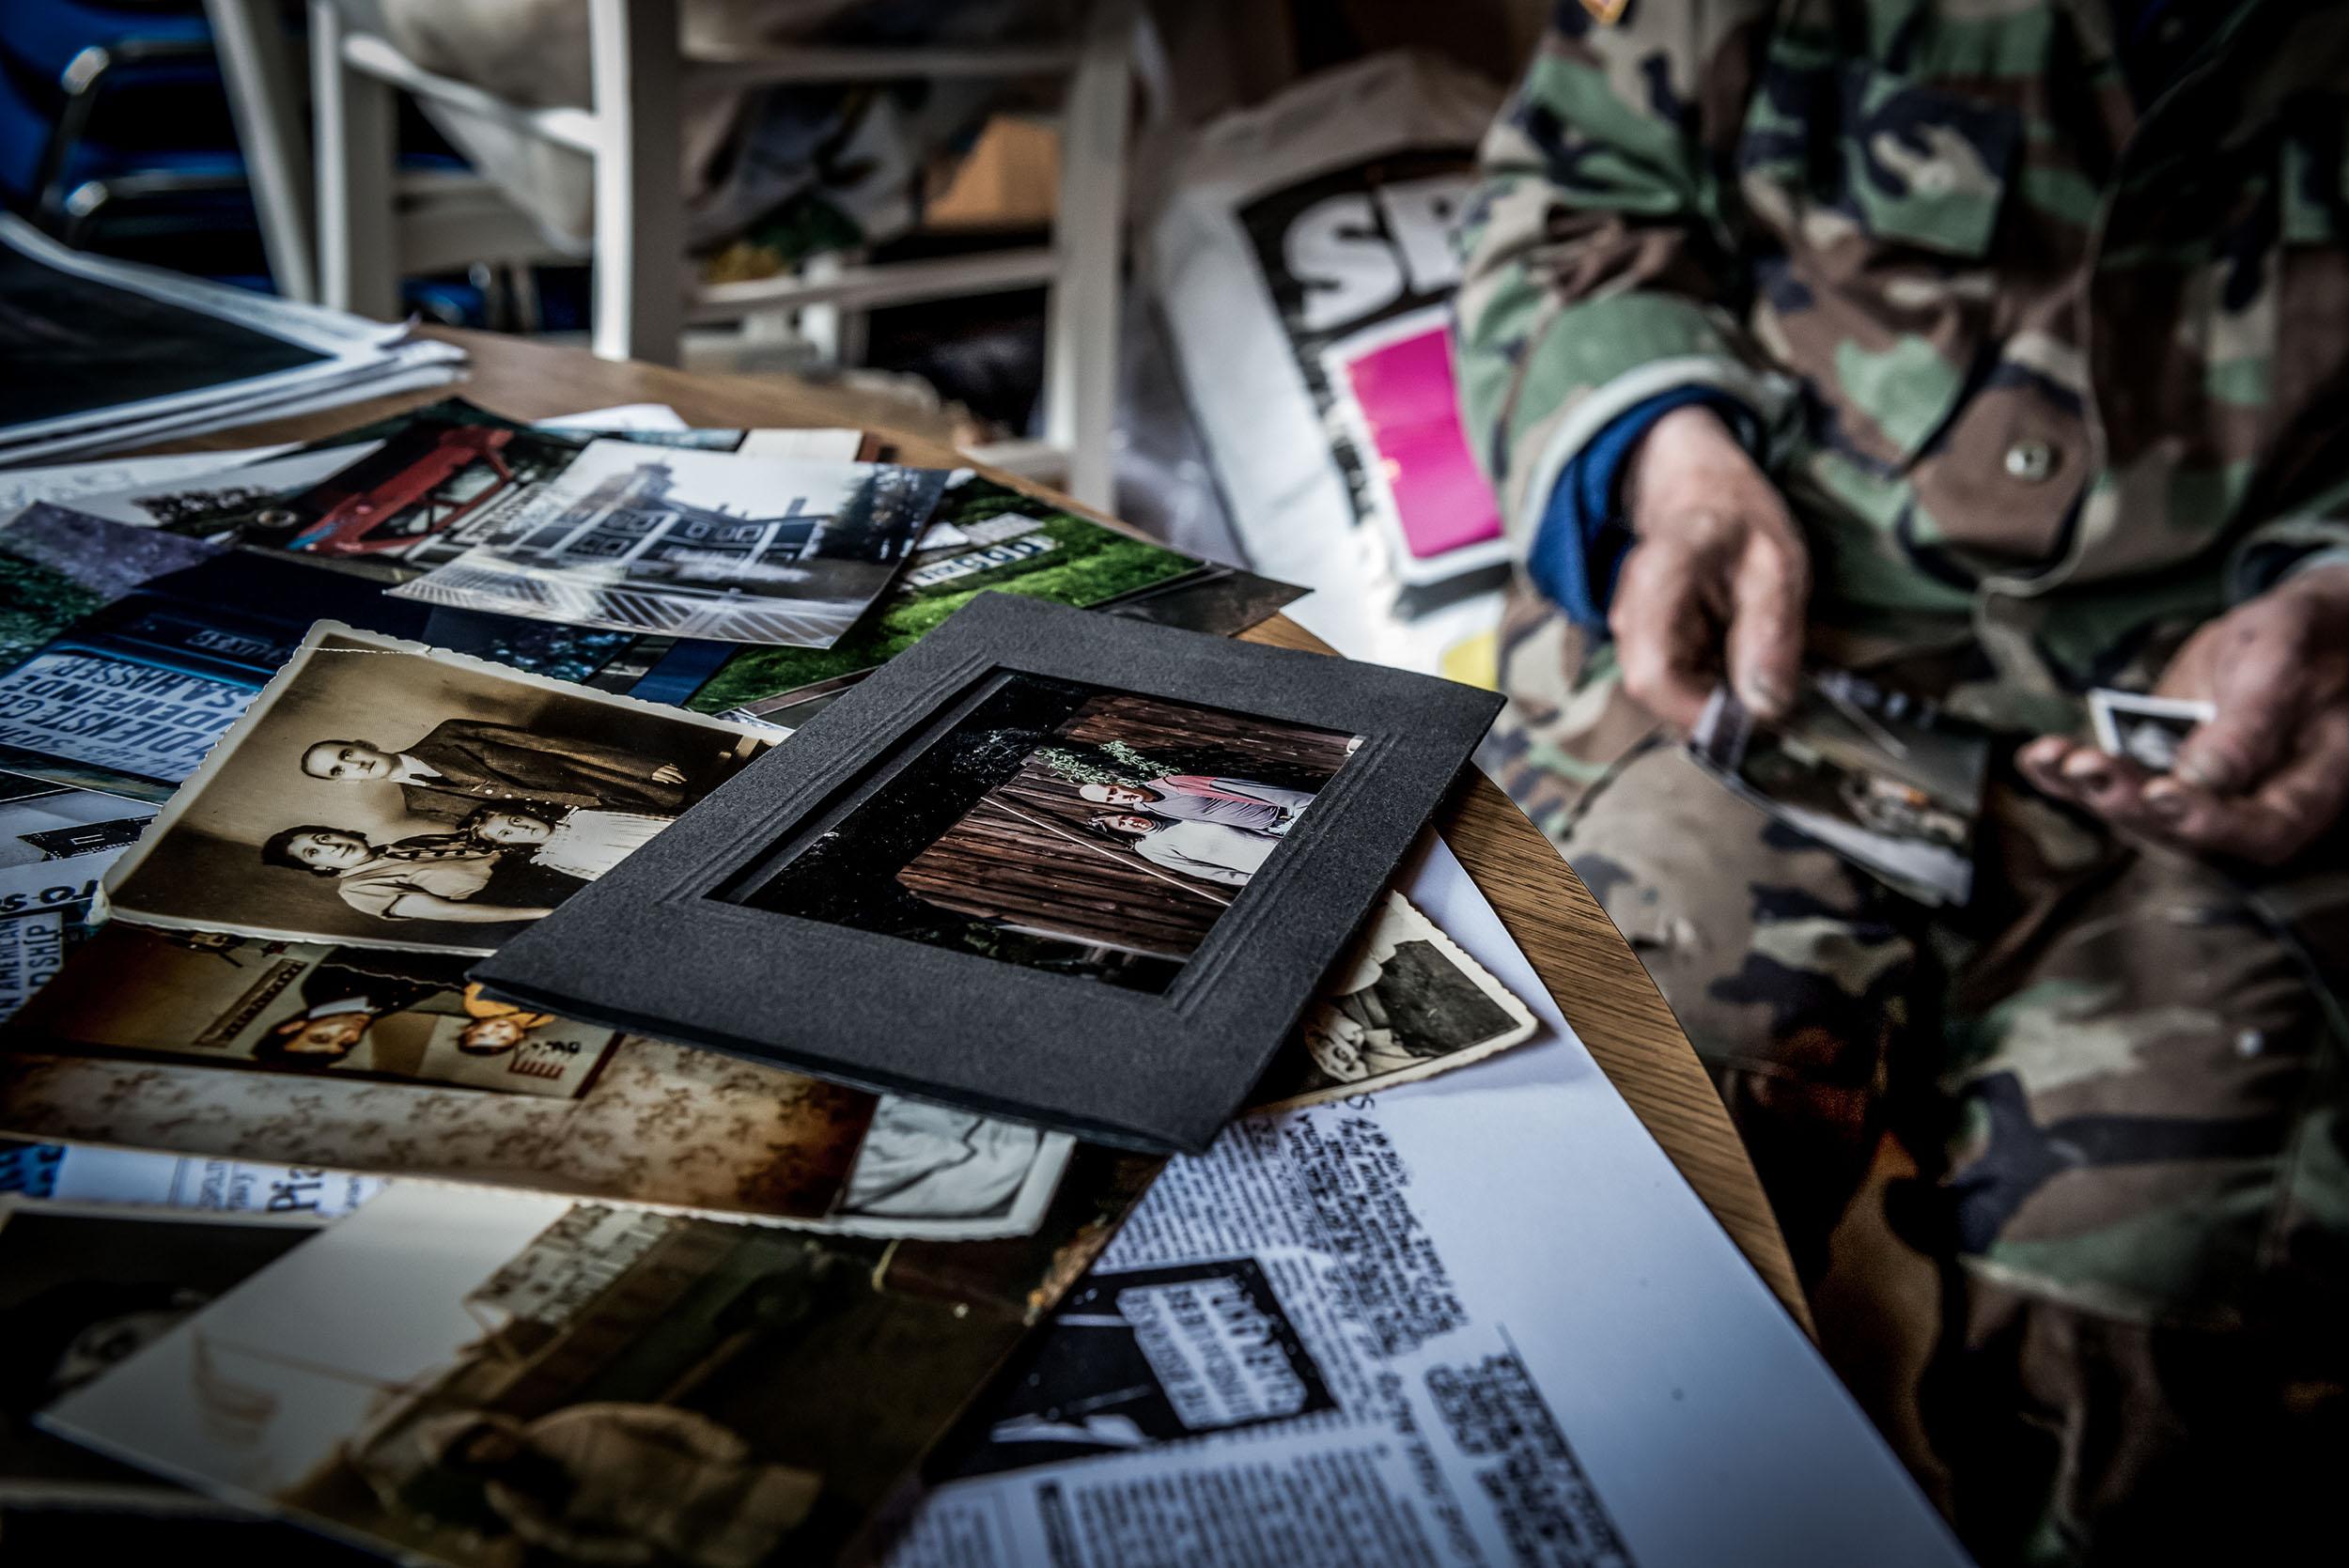 In einer Schublade verwahrt Franz seine Erinnerungsfotos; sie zeigen ihn beim Demonstrieren und mit seinen Schildern.